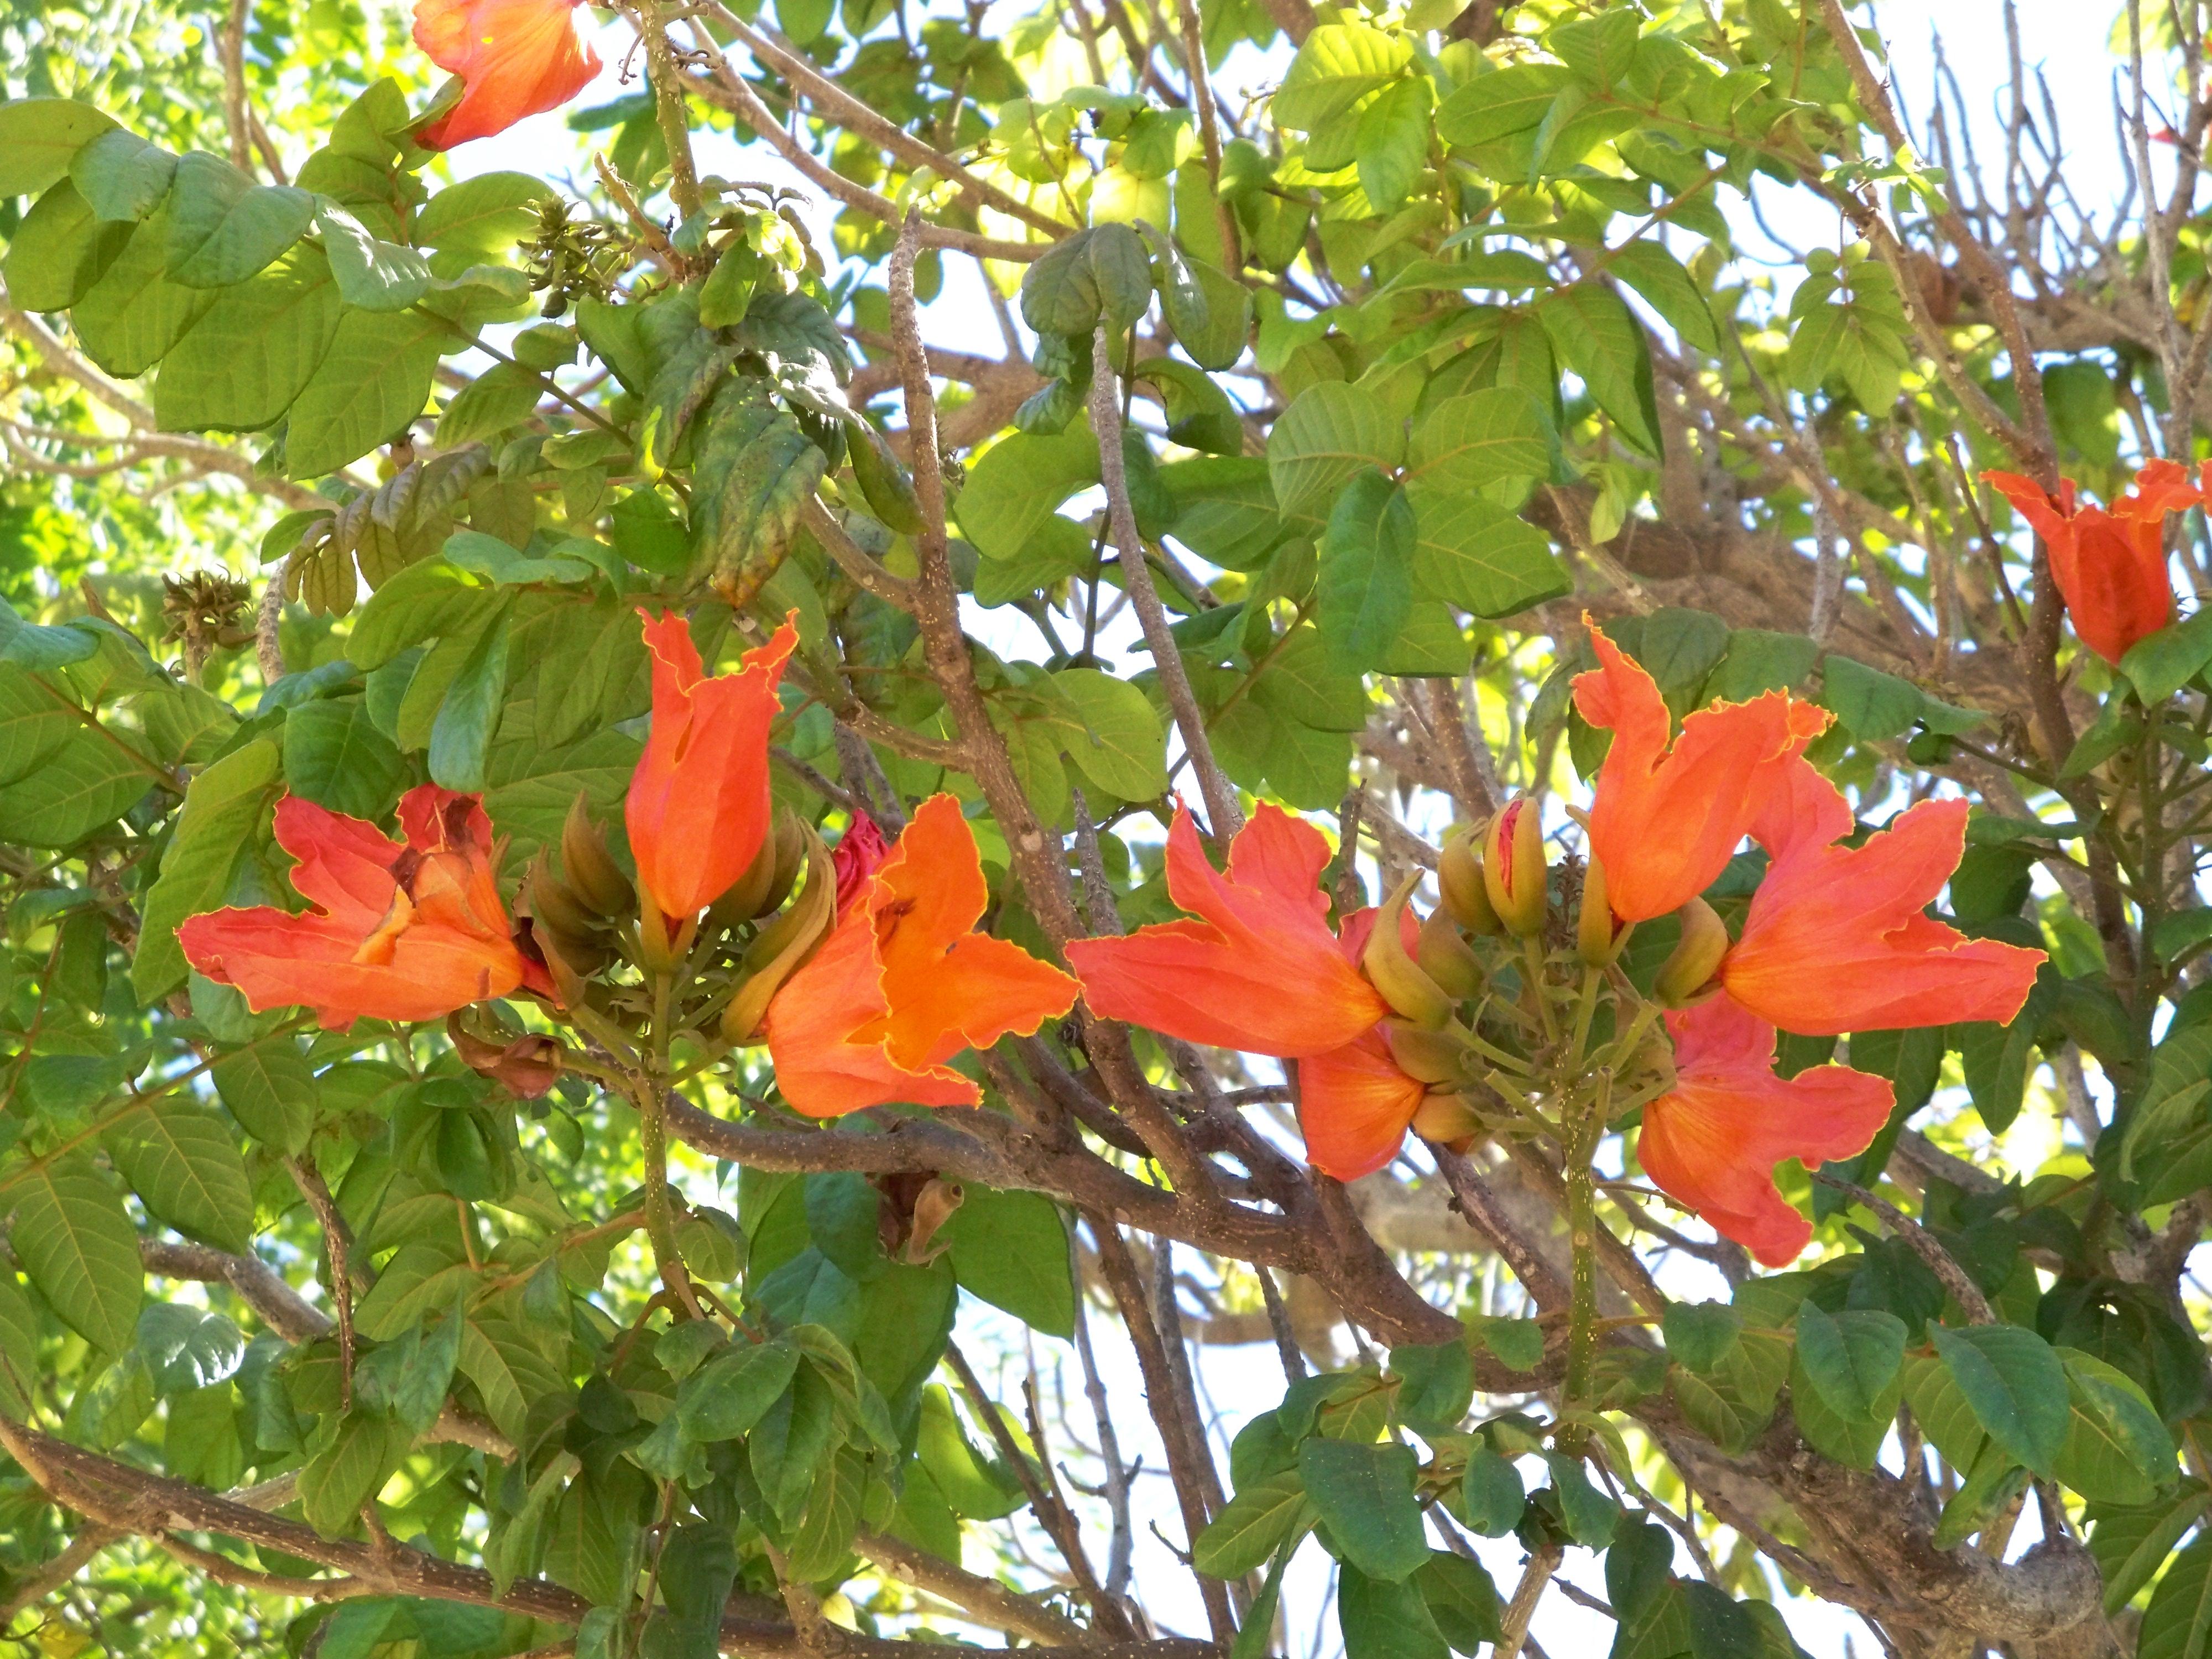 Rboles de frica asociaci n amigos de los jardines de for Arboles con flores para jardin